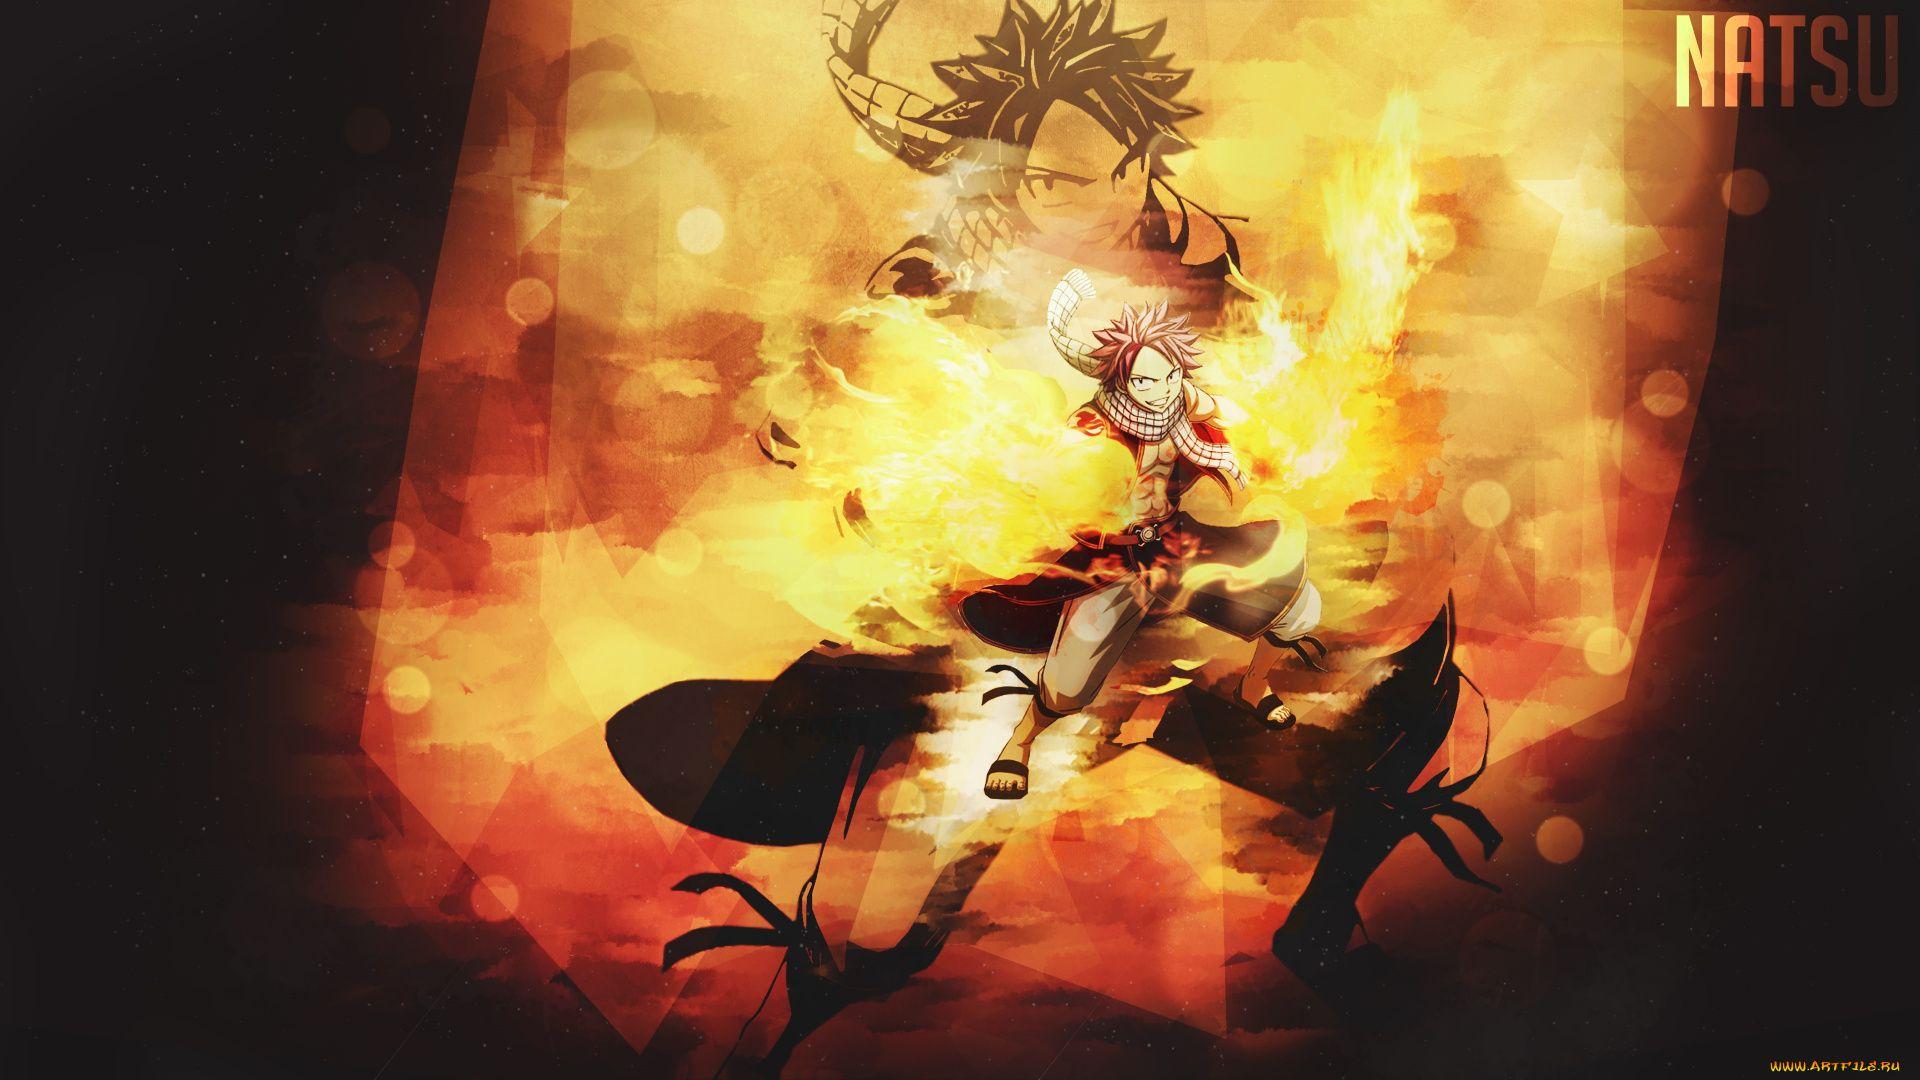 Fairy Tail Natsu jpg